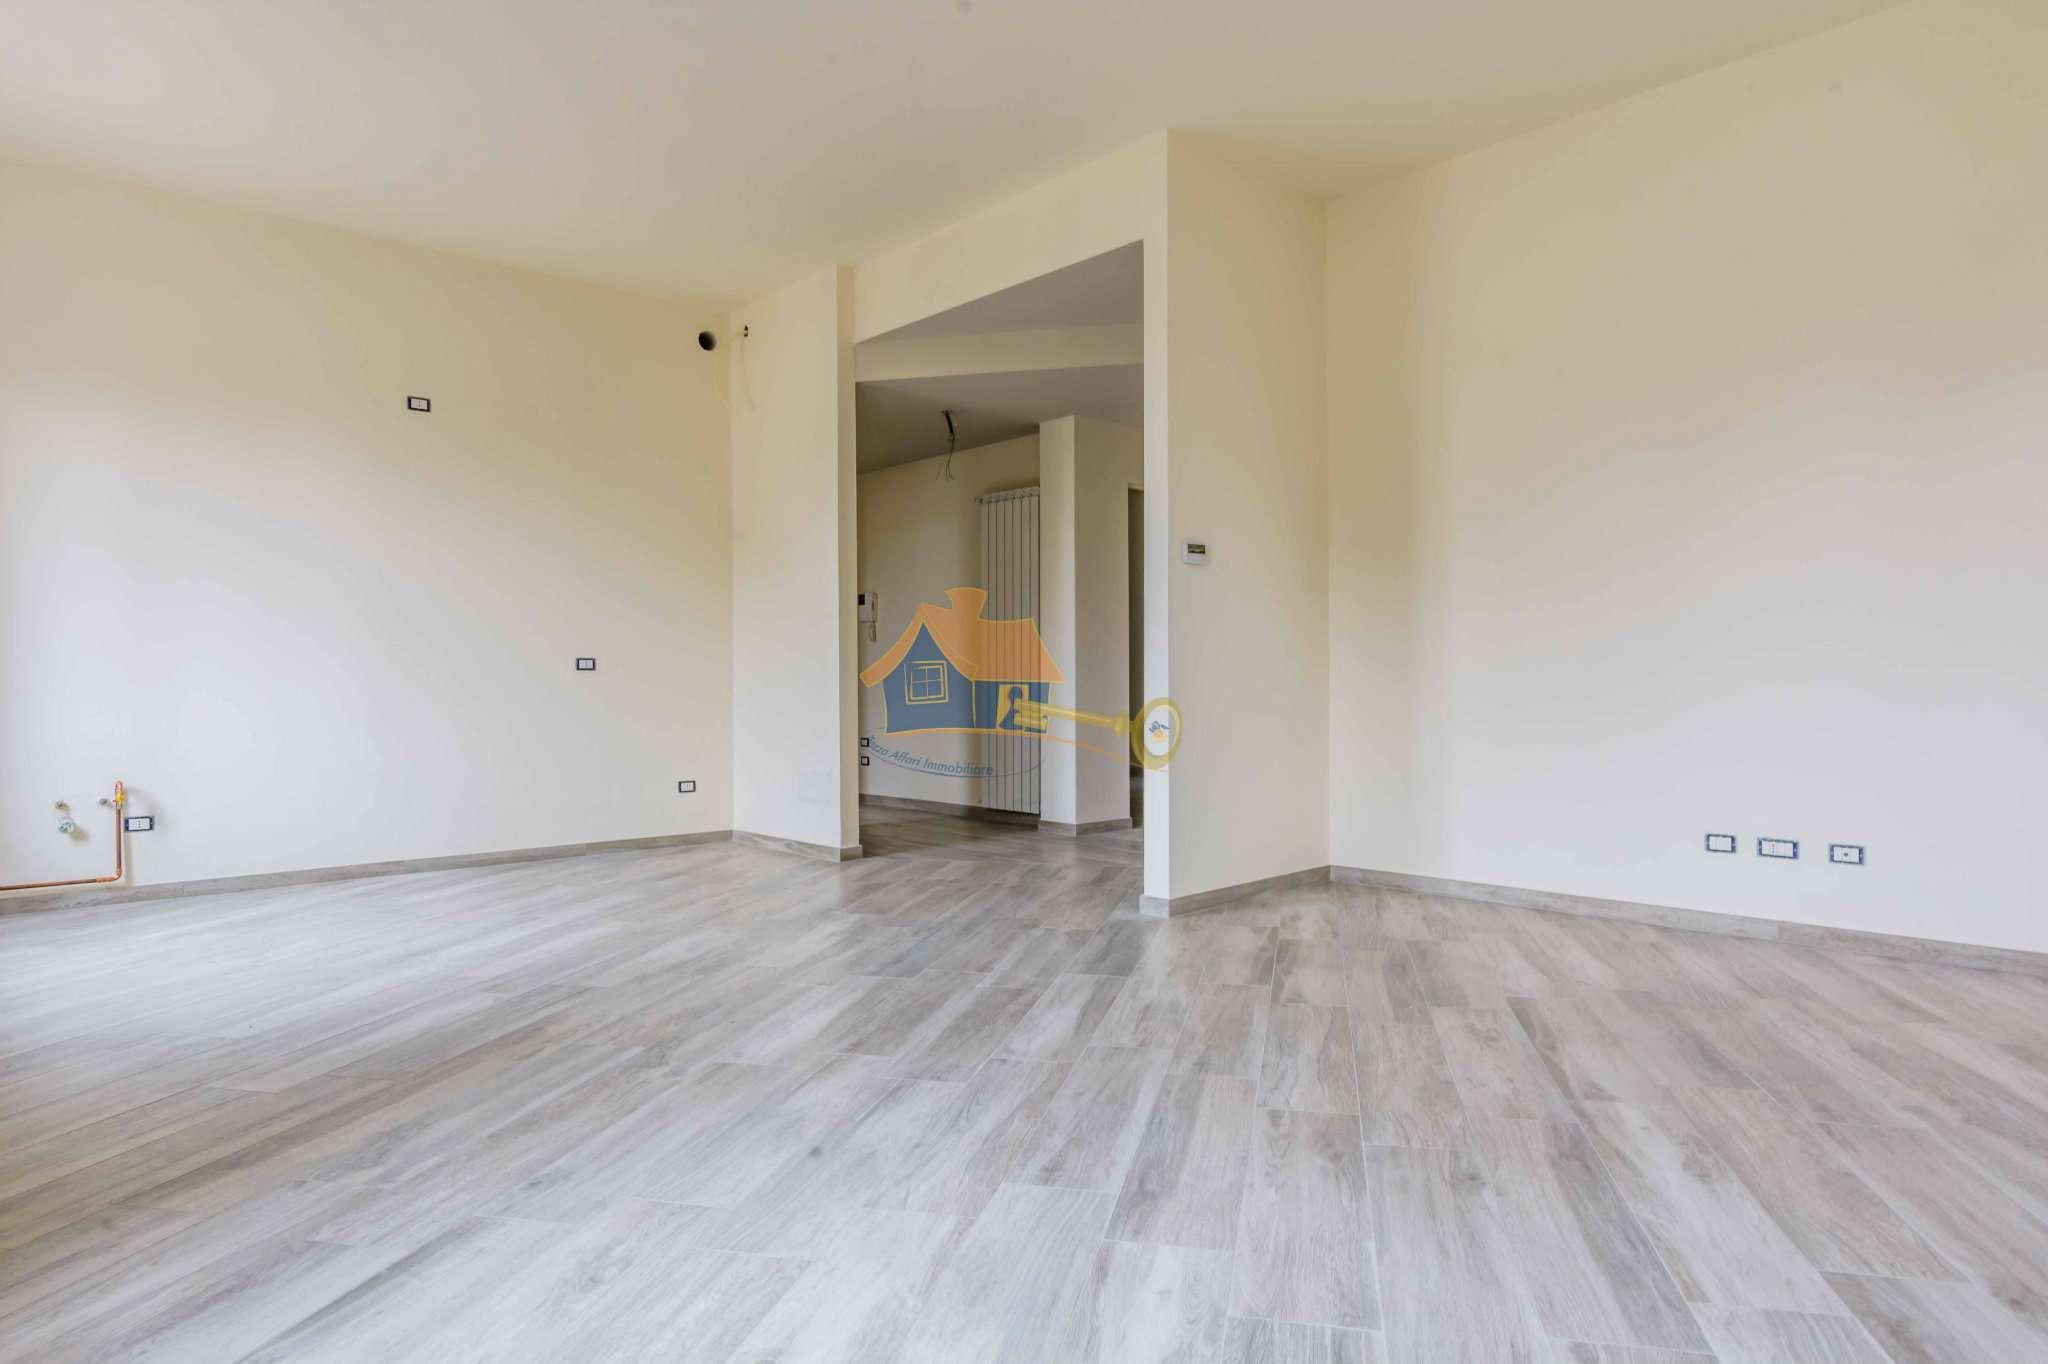 Appartamento in vendita a Gallarate, 4 locali, prezzo € 250.000 | CambioCasa.it